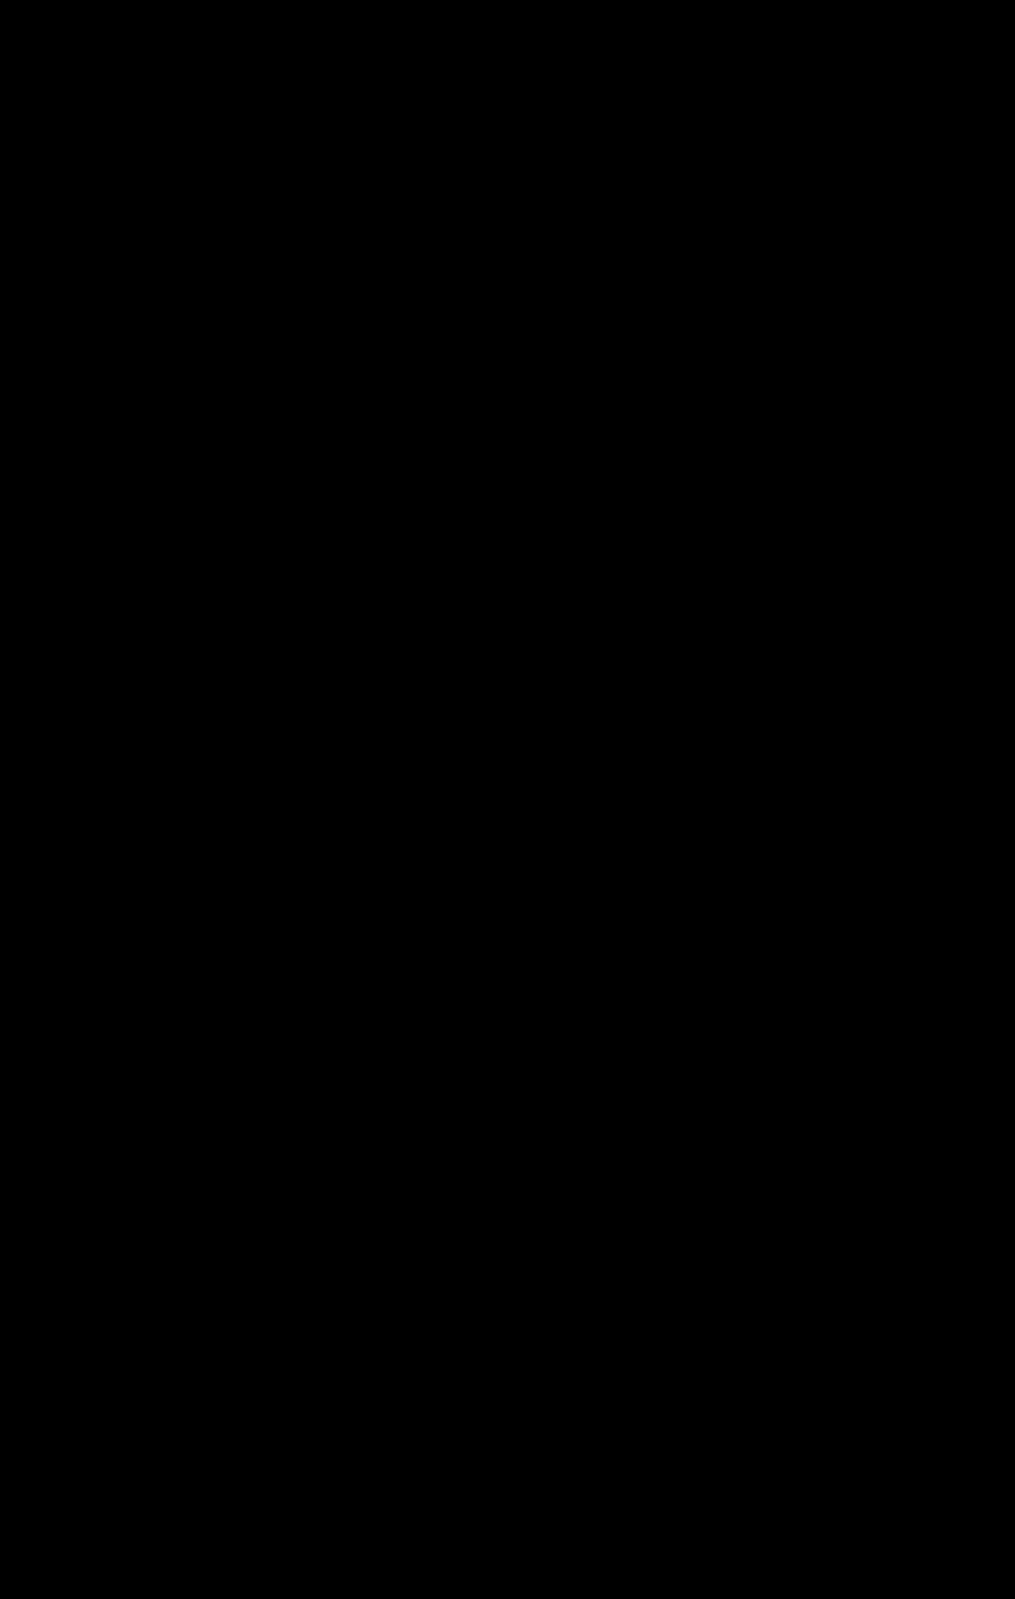 Slnečný kult Slovenov a Staroegypťanov: Sokol - posol Slnka 34o93iu